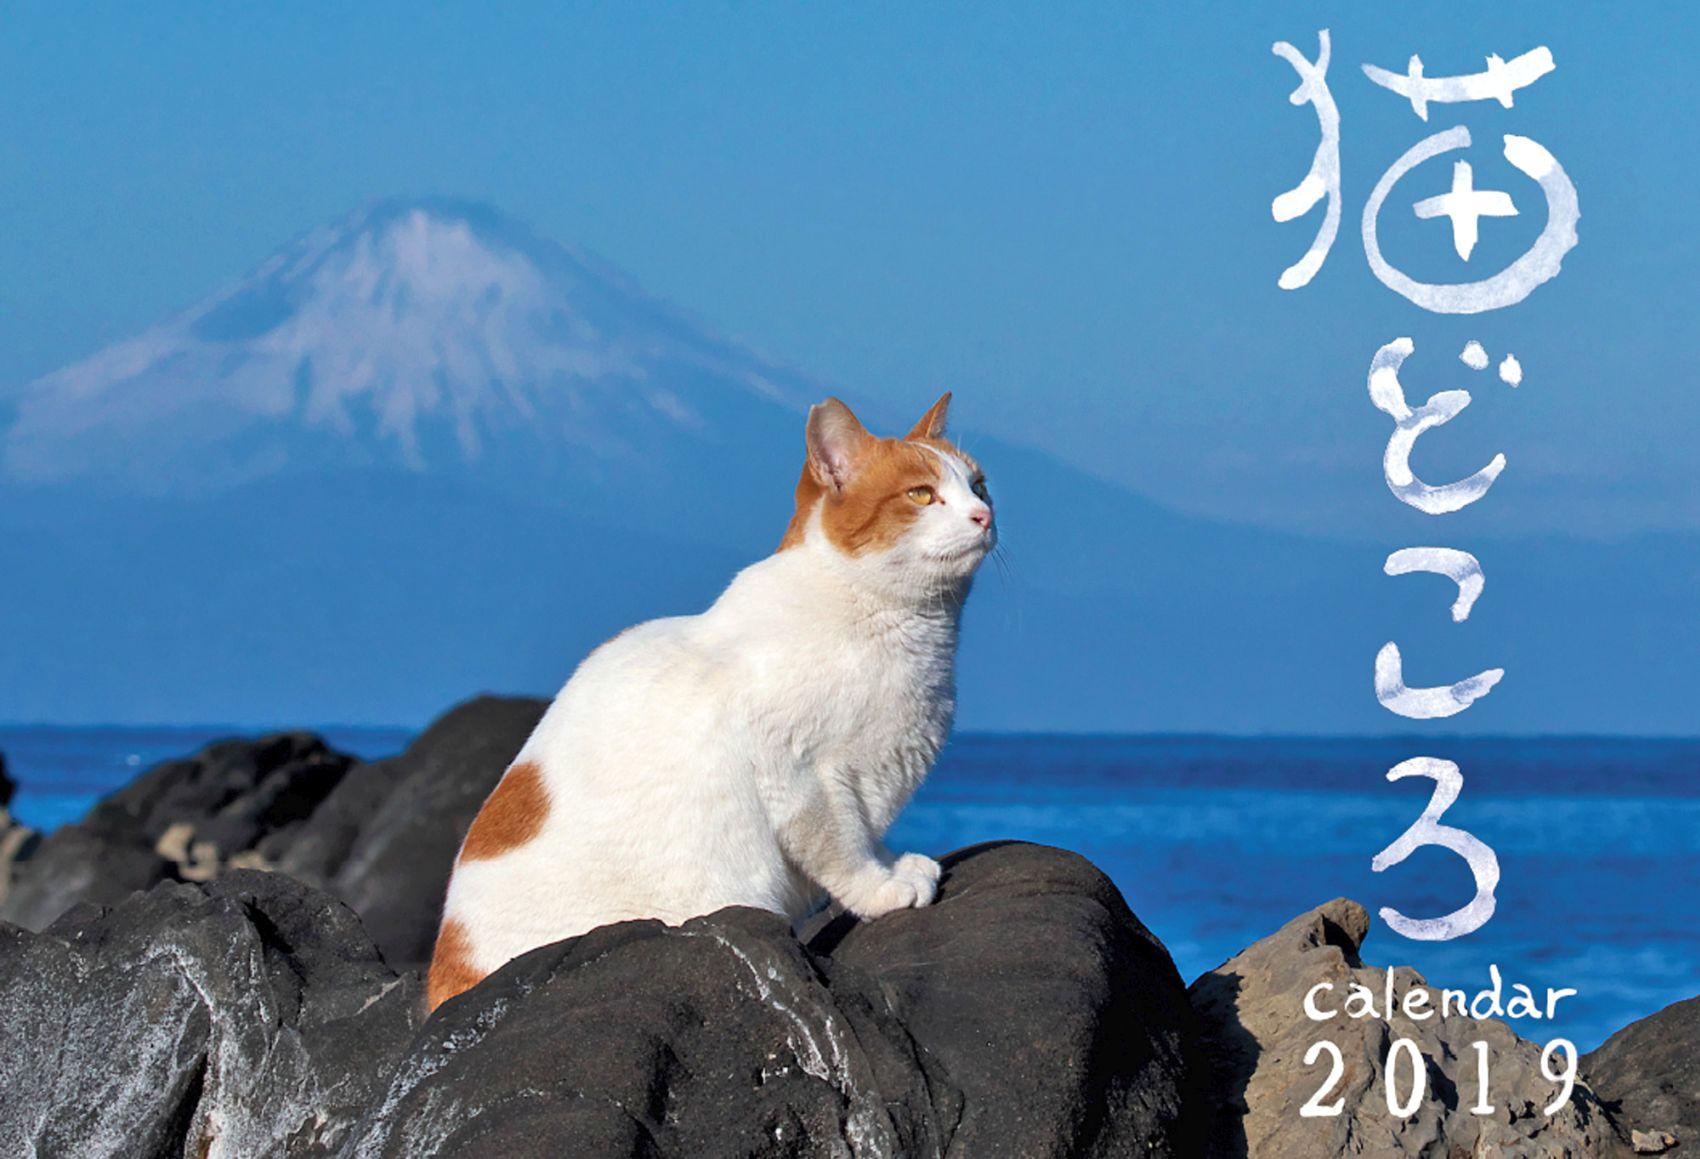 'Neko Dokoro': Photographer Shuji Ozaki Releases Cat Calendar for 2019